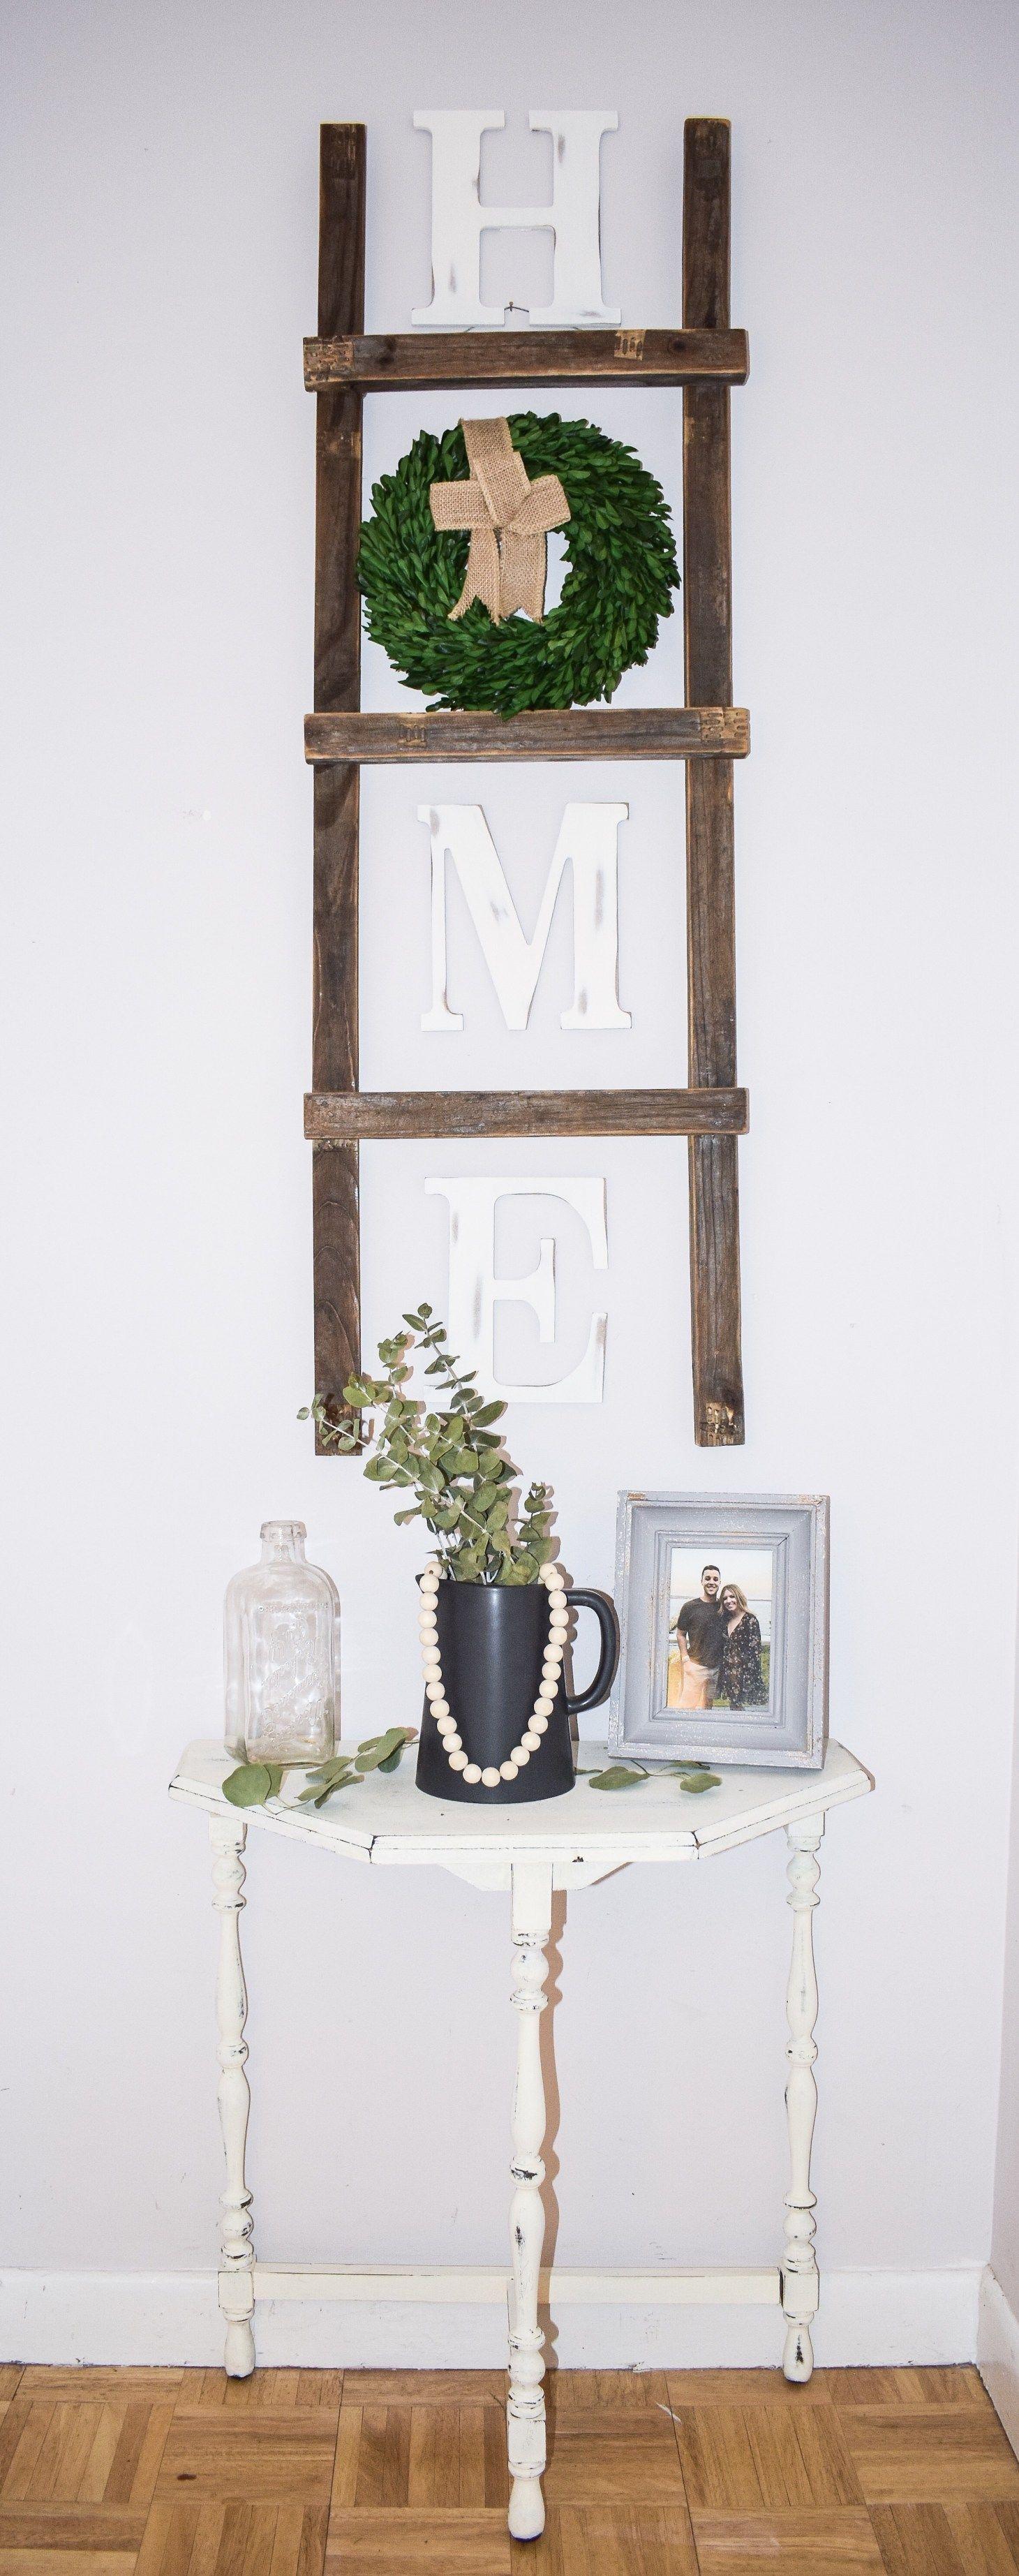 Diy home sign with wreath home diy diy farmhouse decor